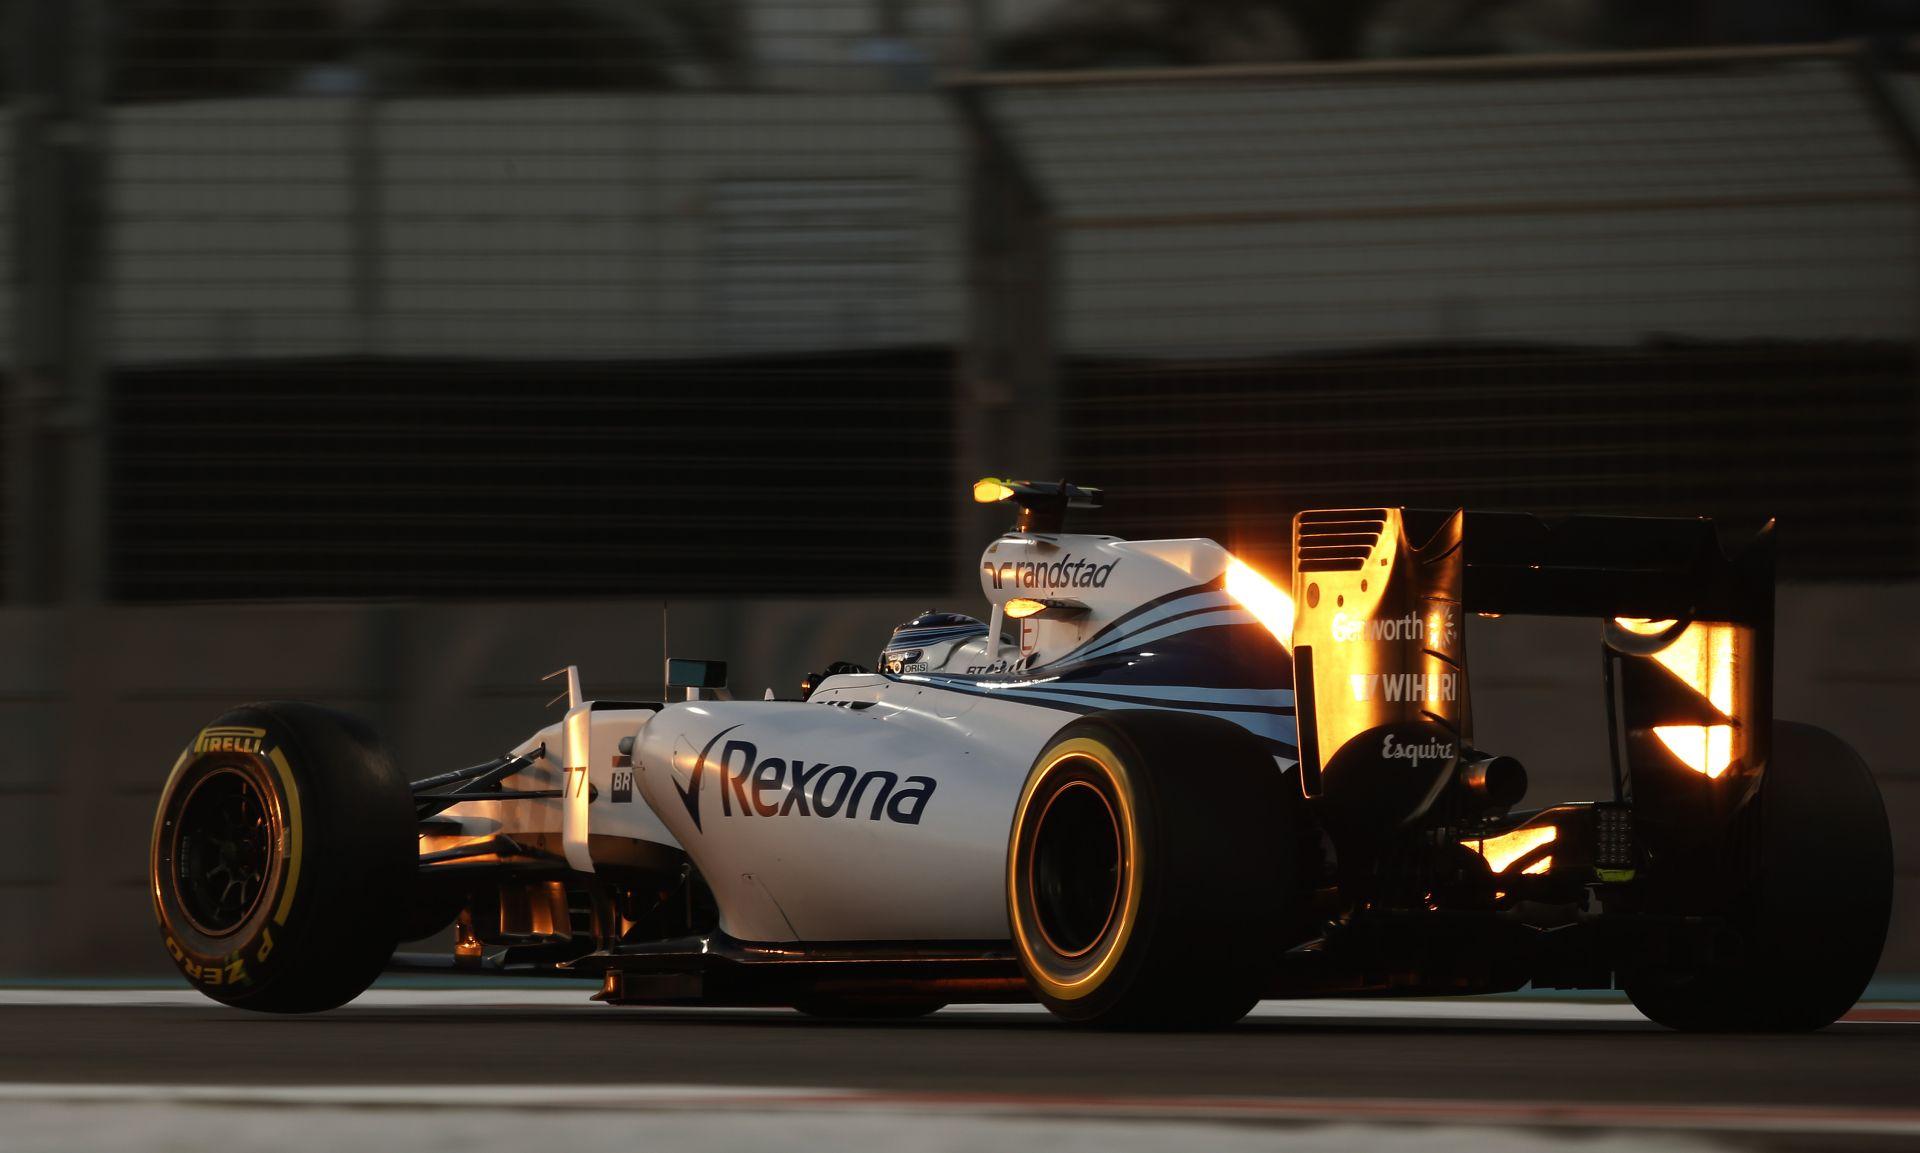 GP-live jósda, 2016: Williams –Valós esély nyílhat a bajnoki címre?